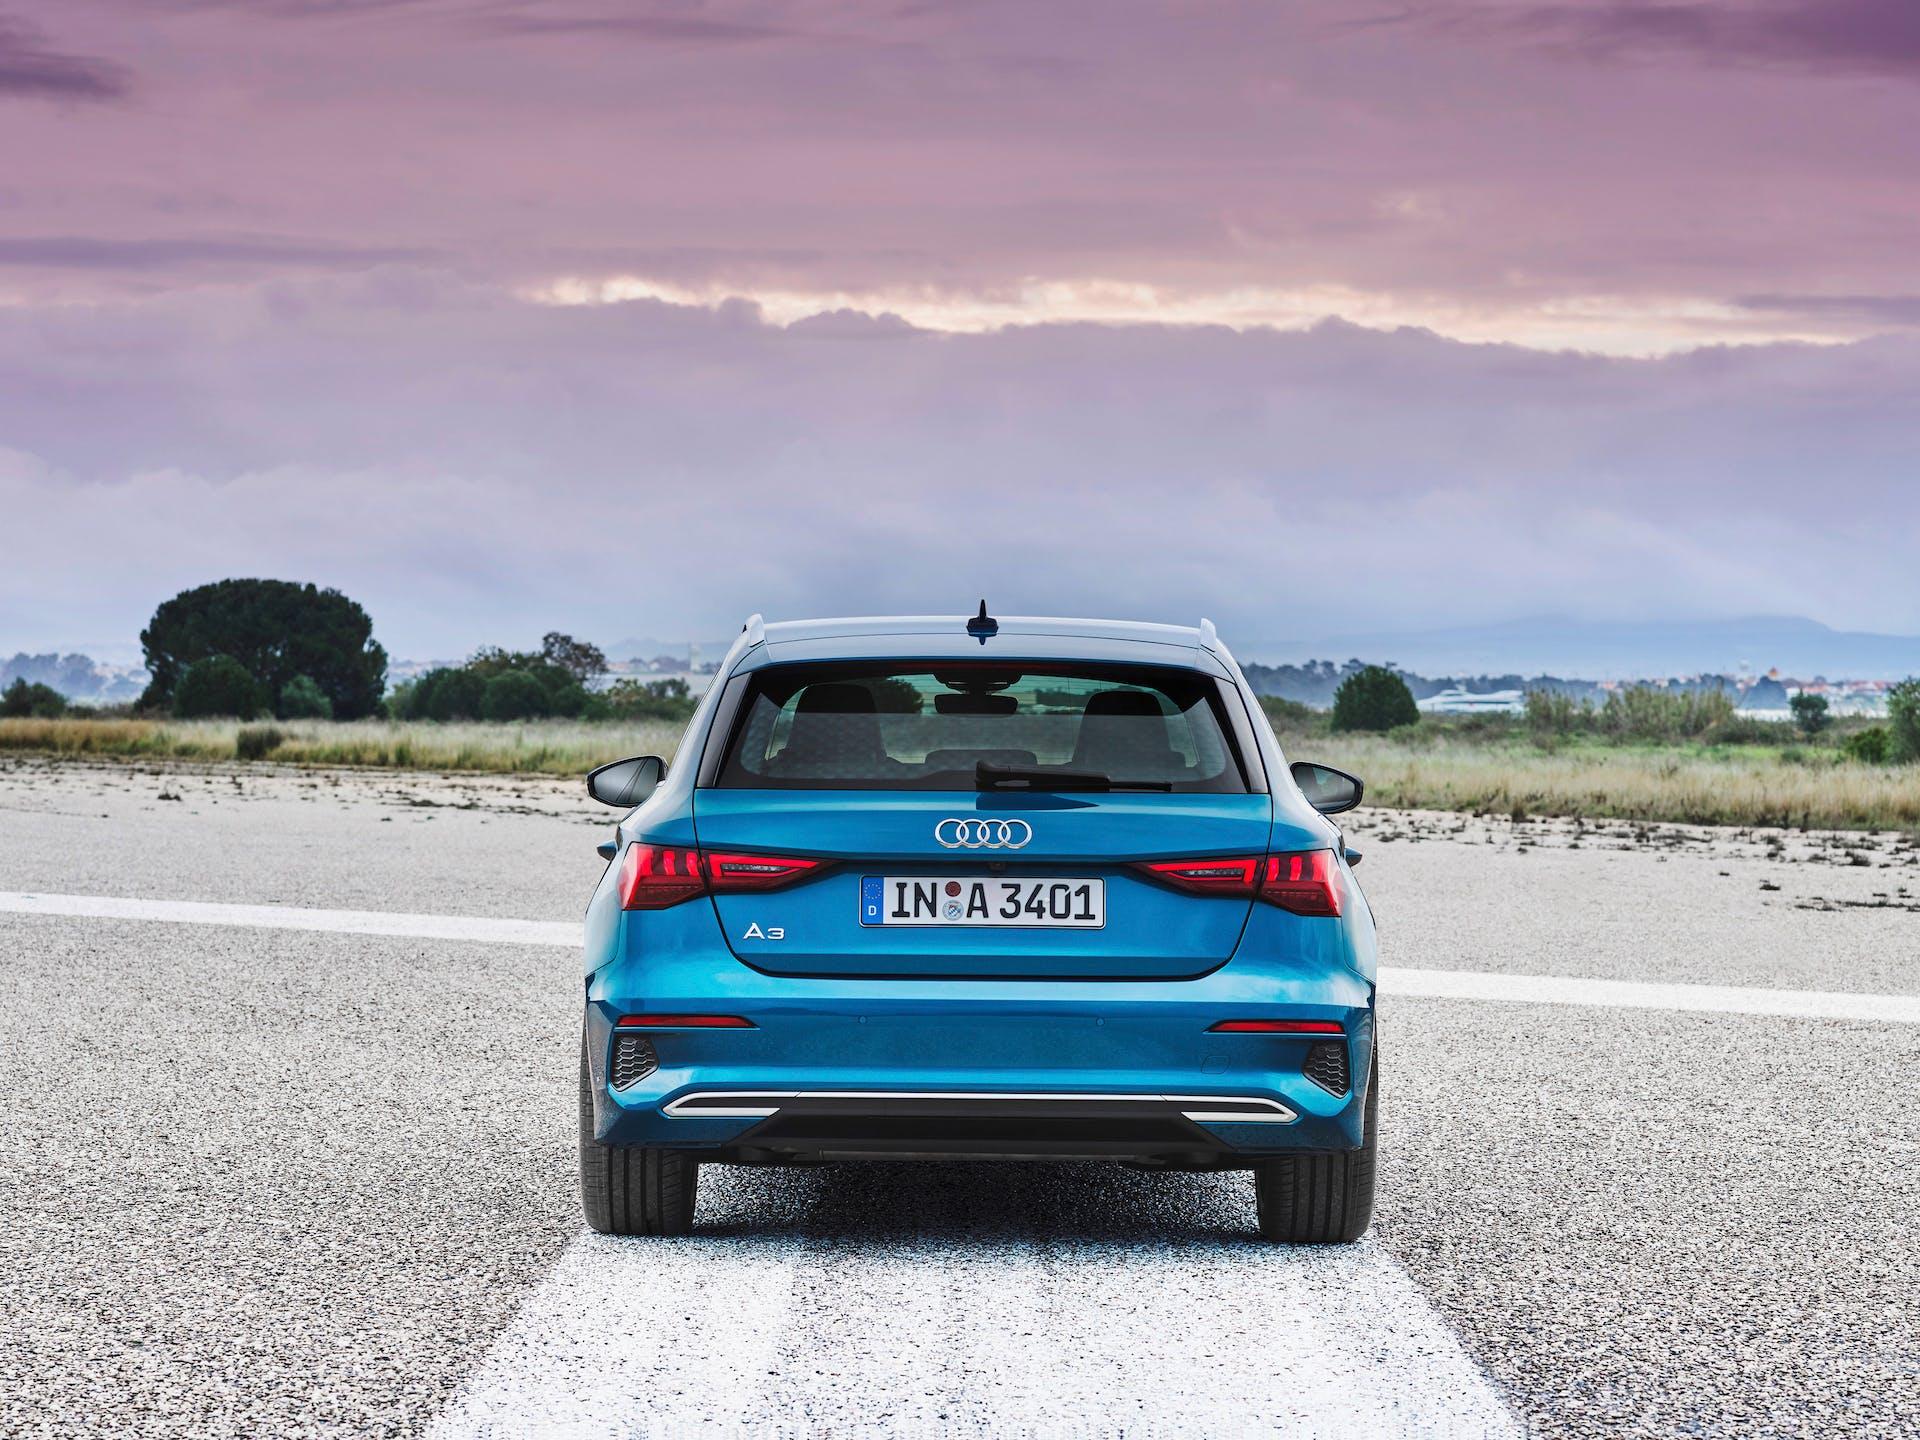 Nuova Audi A3 Sportback posteriore